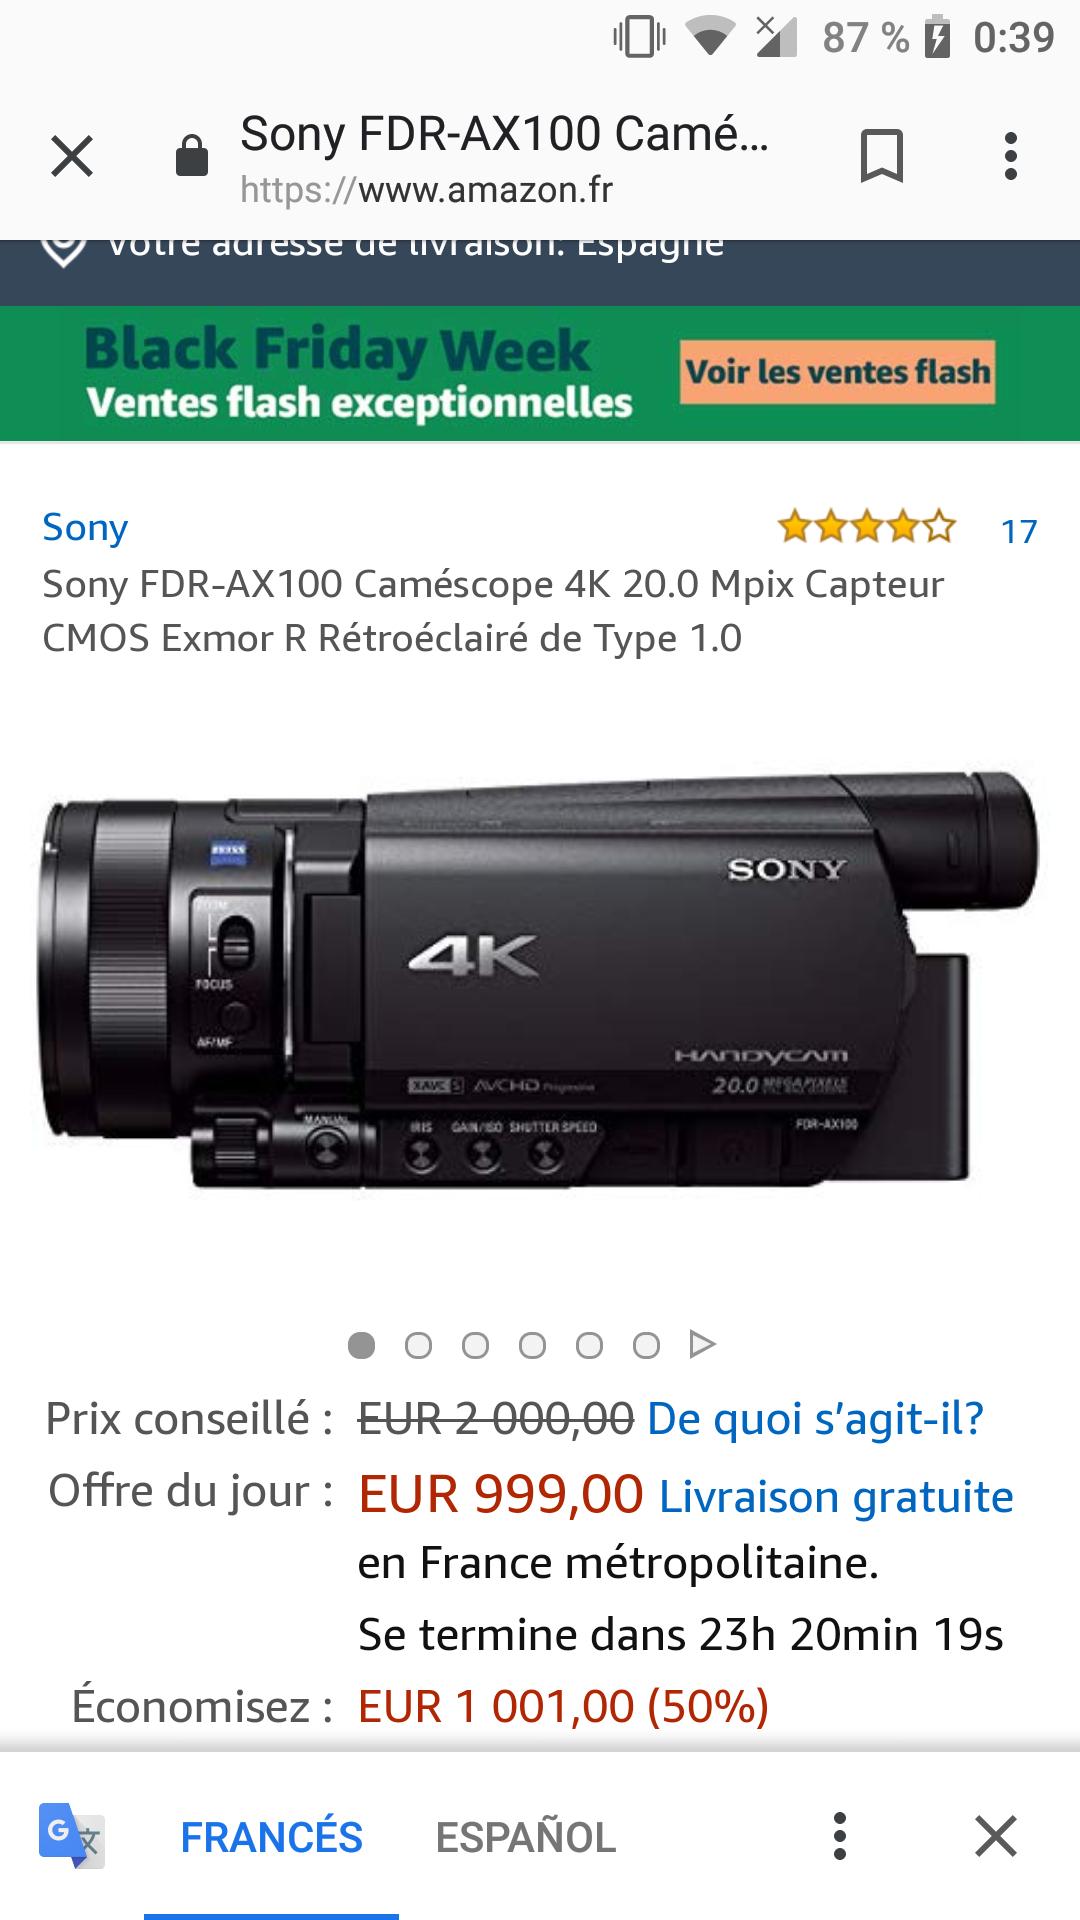 Cámara Sony fdr-ax100 4k